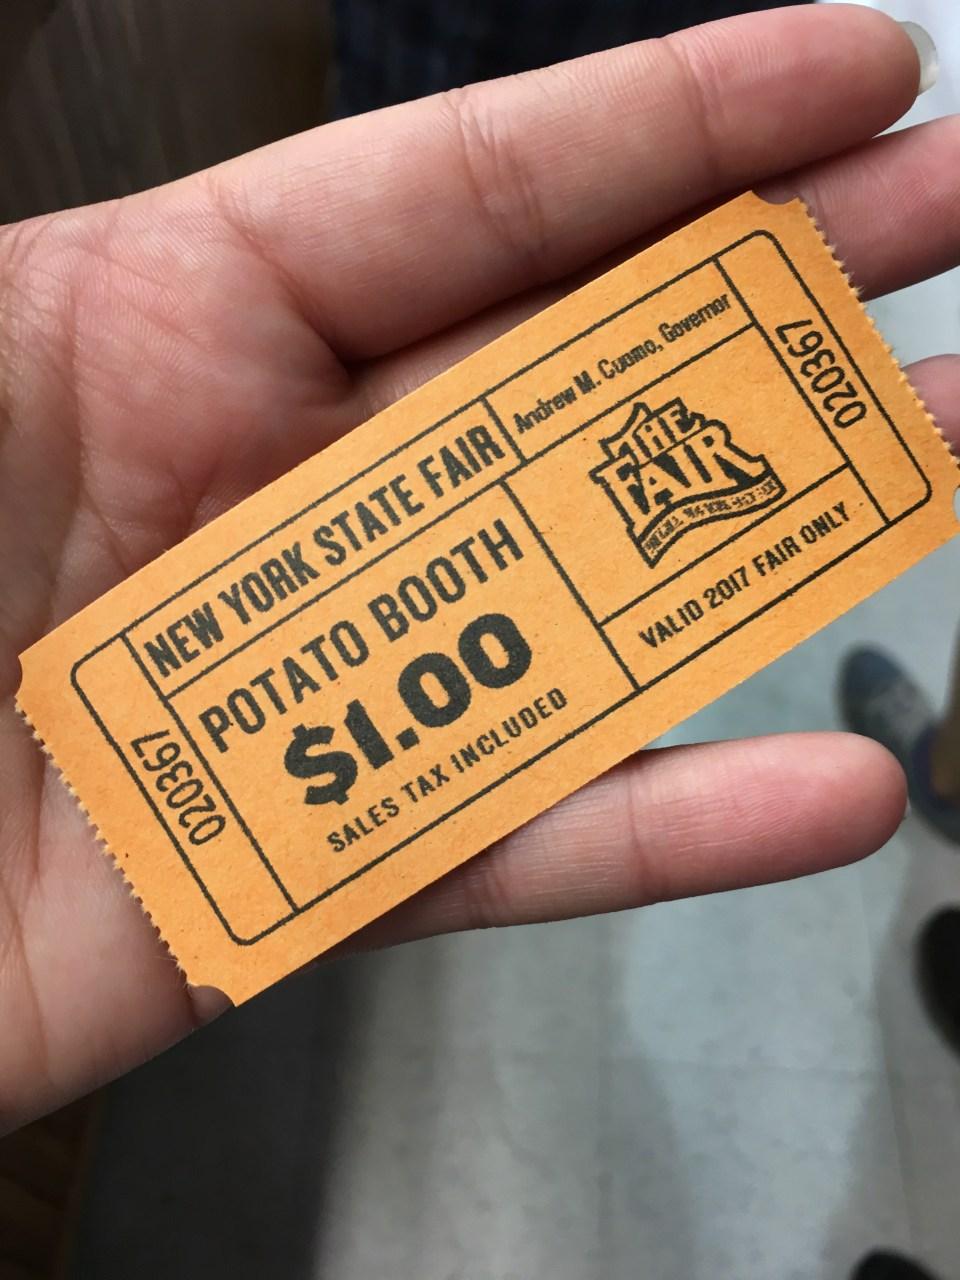 NYSF Potato Booth